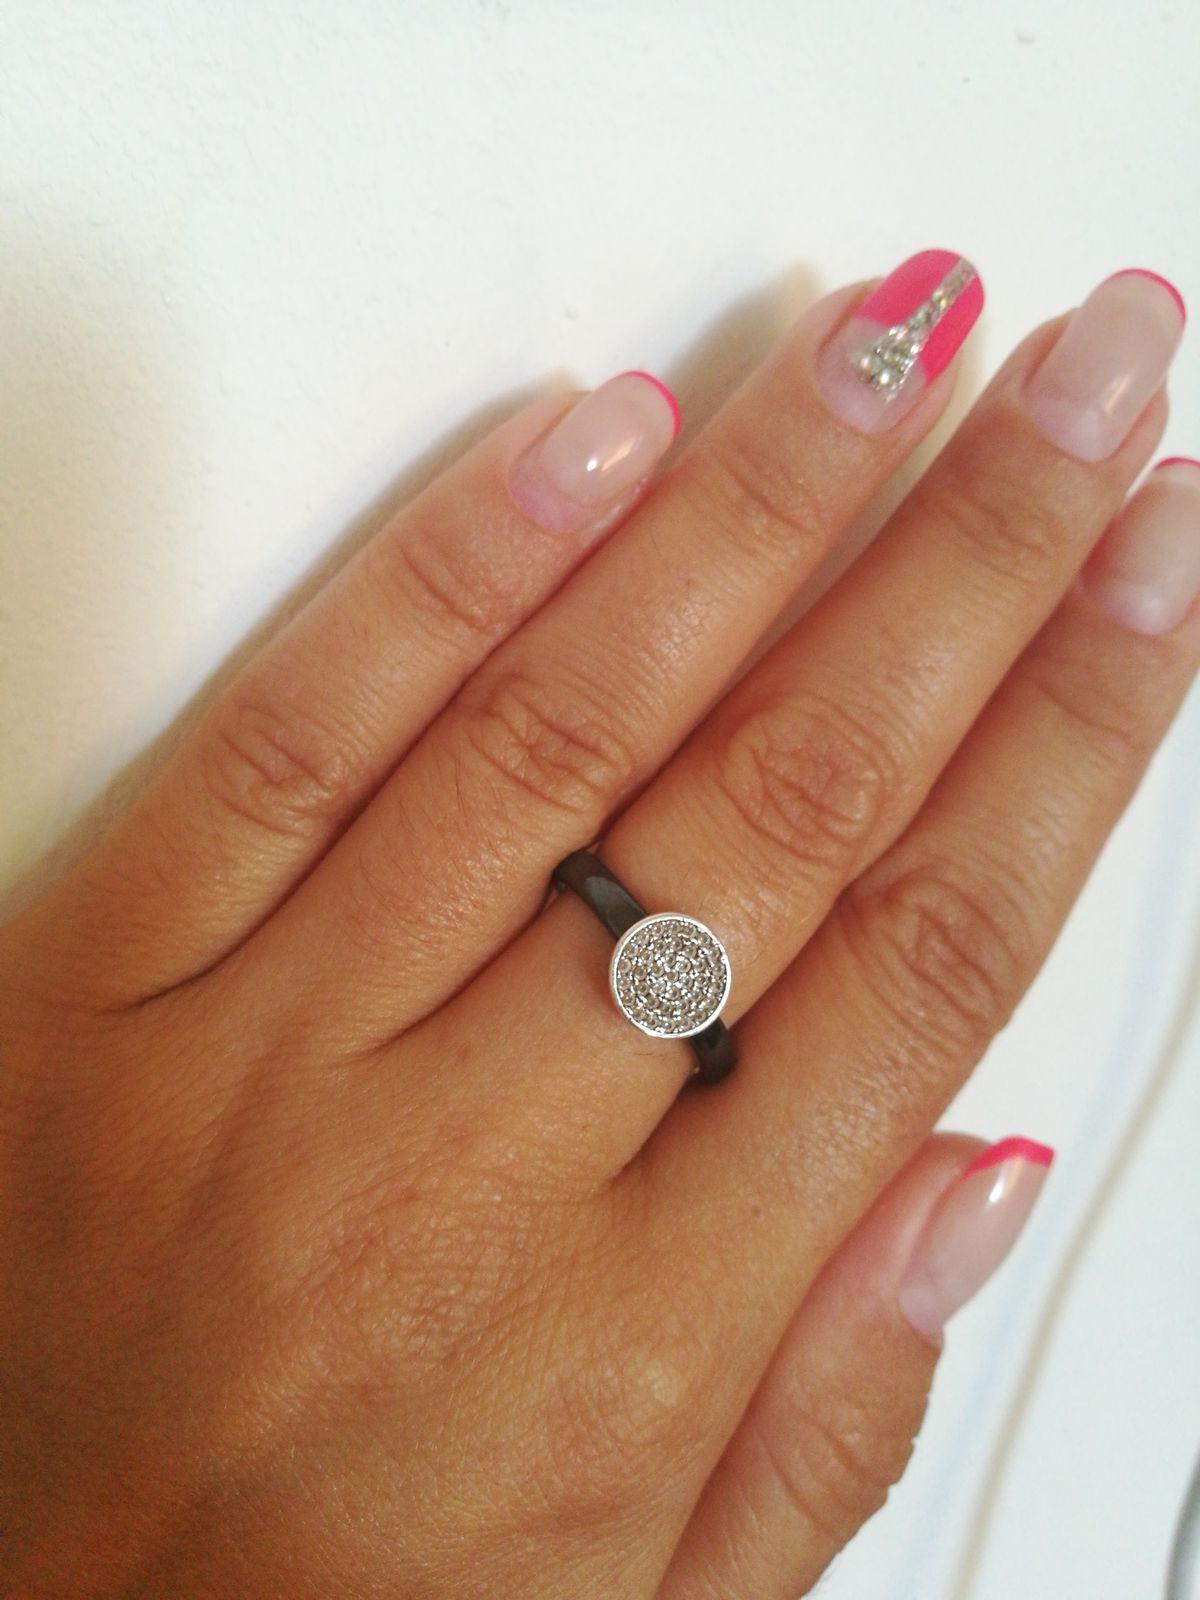 Я влюблена в это кольцо 😍